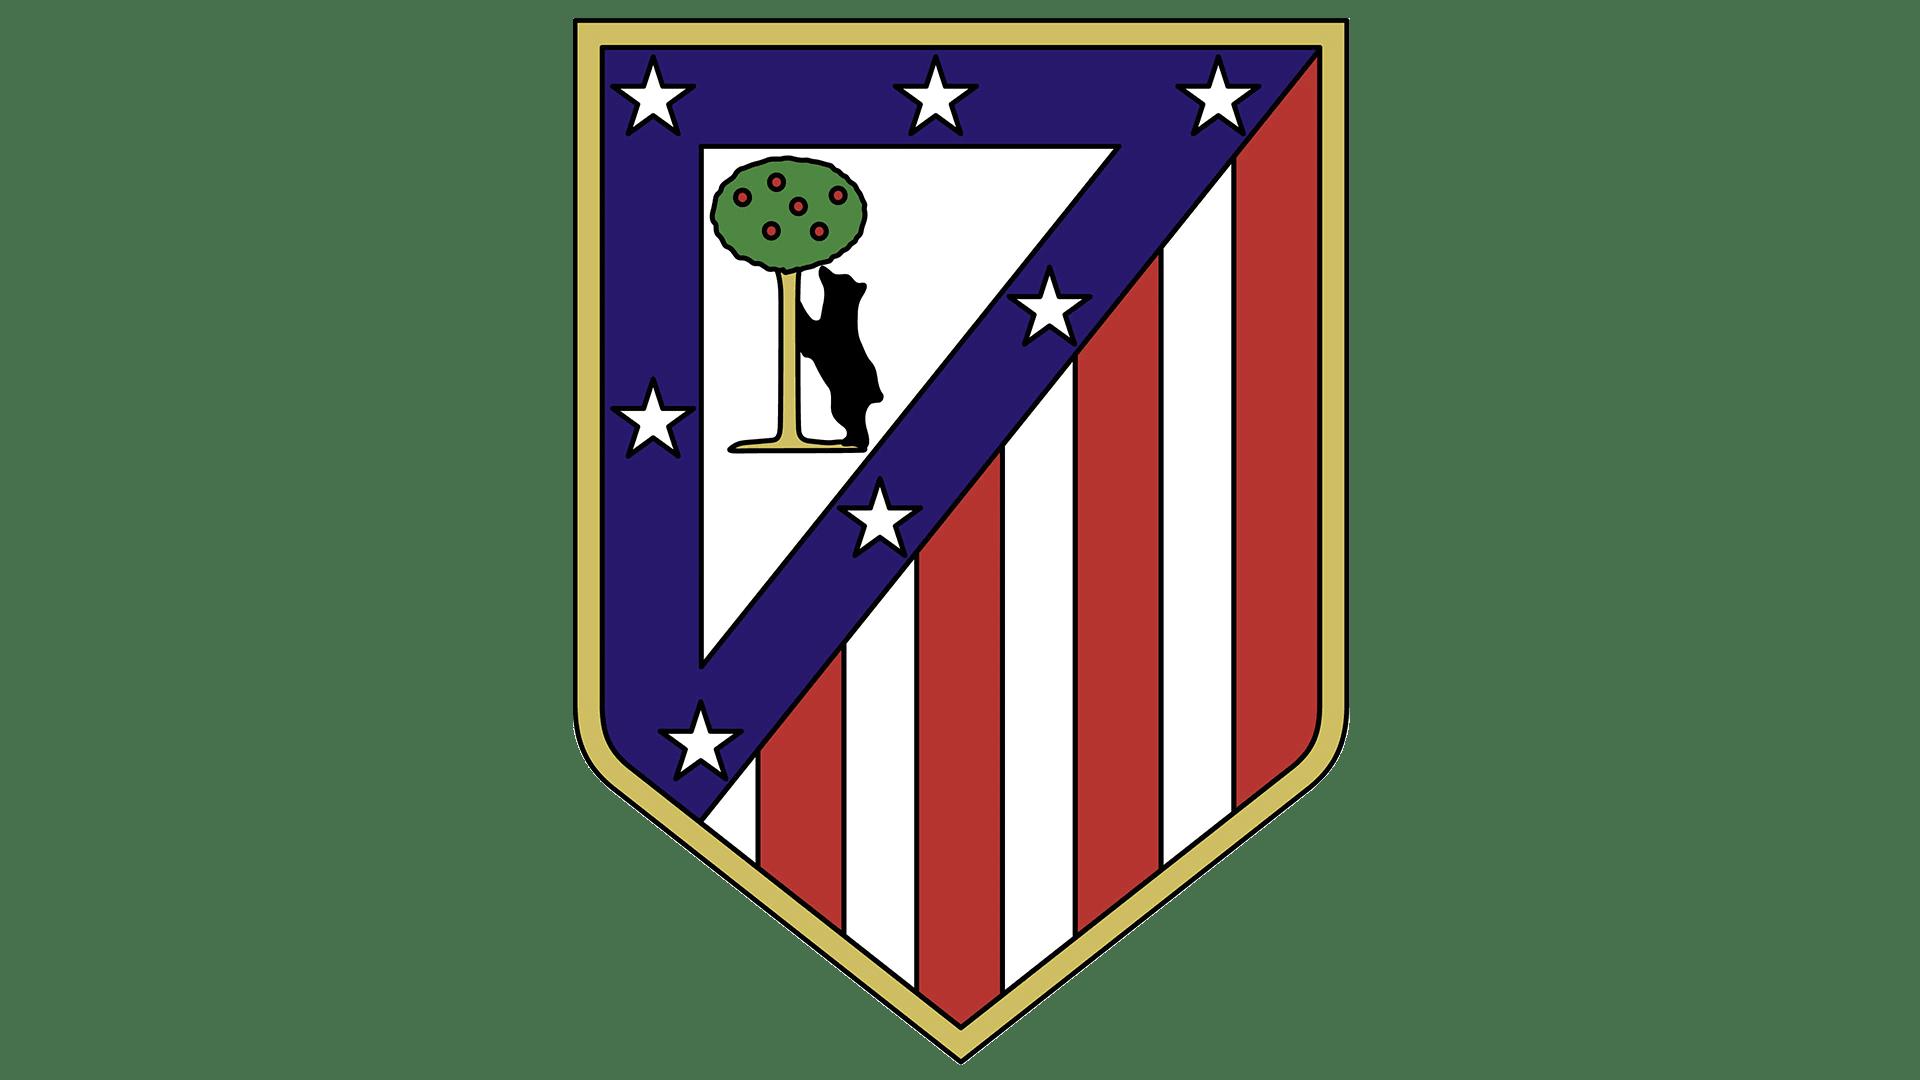 Atletico Madrid Logo : histoire, signification de l'emblème